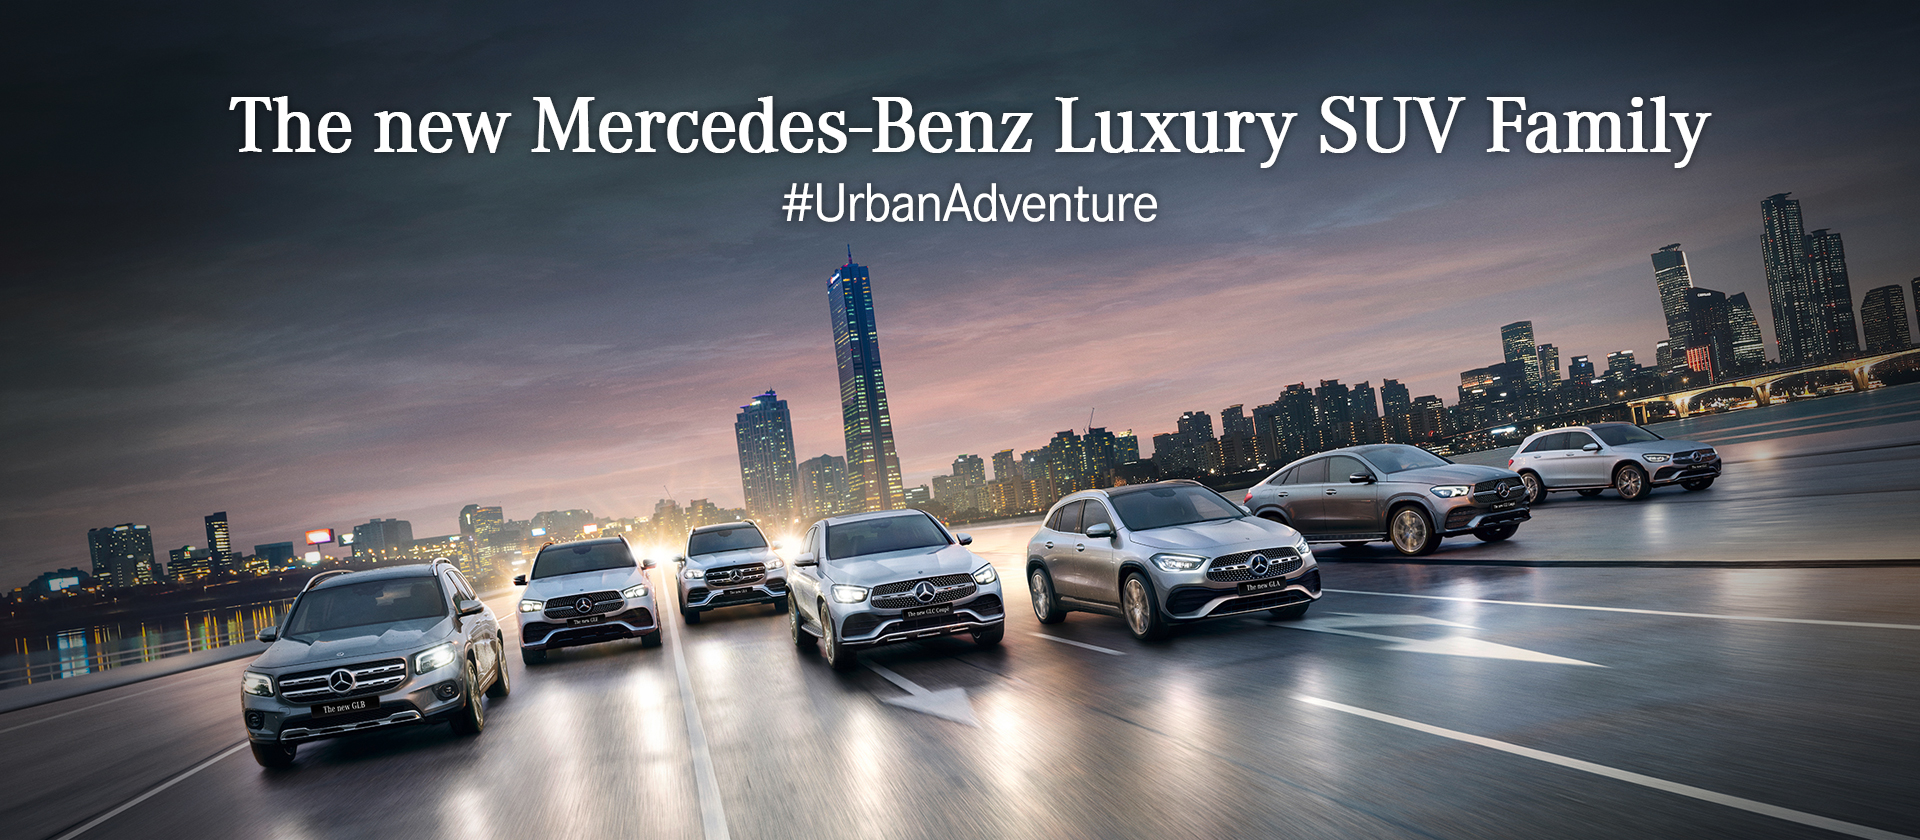 The new Mercedes-Benz SUV range #UrbanAdventure